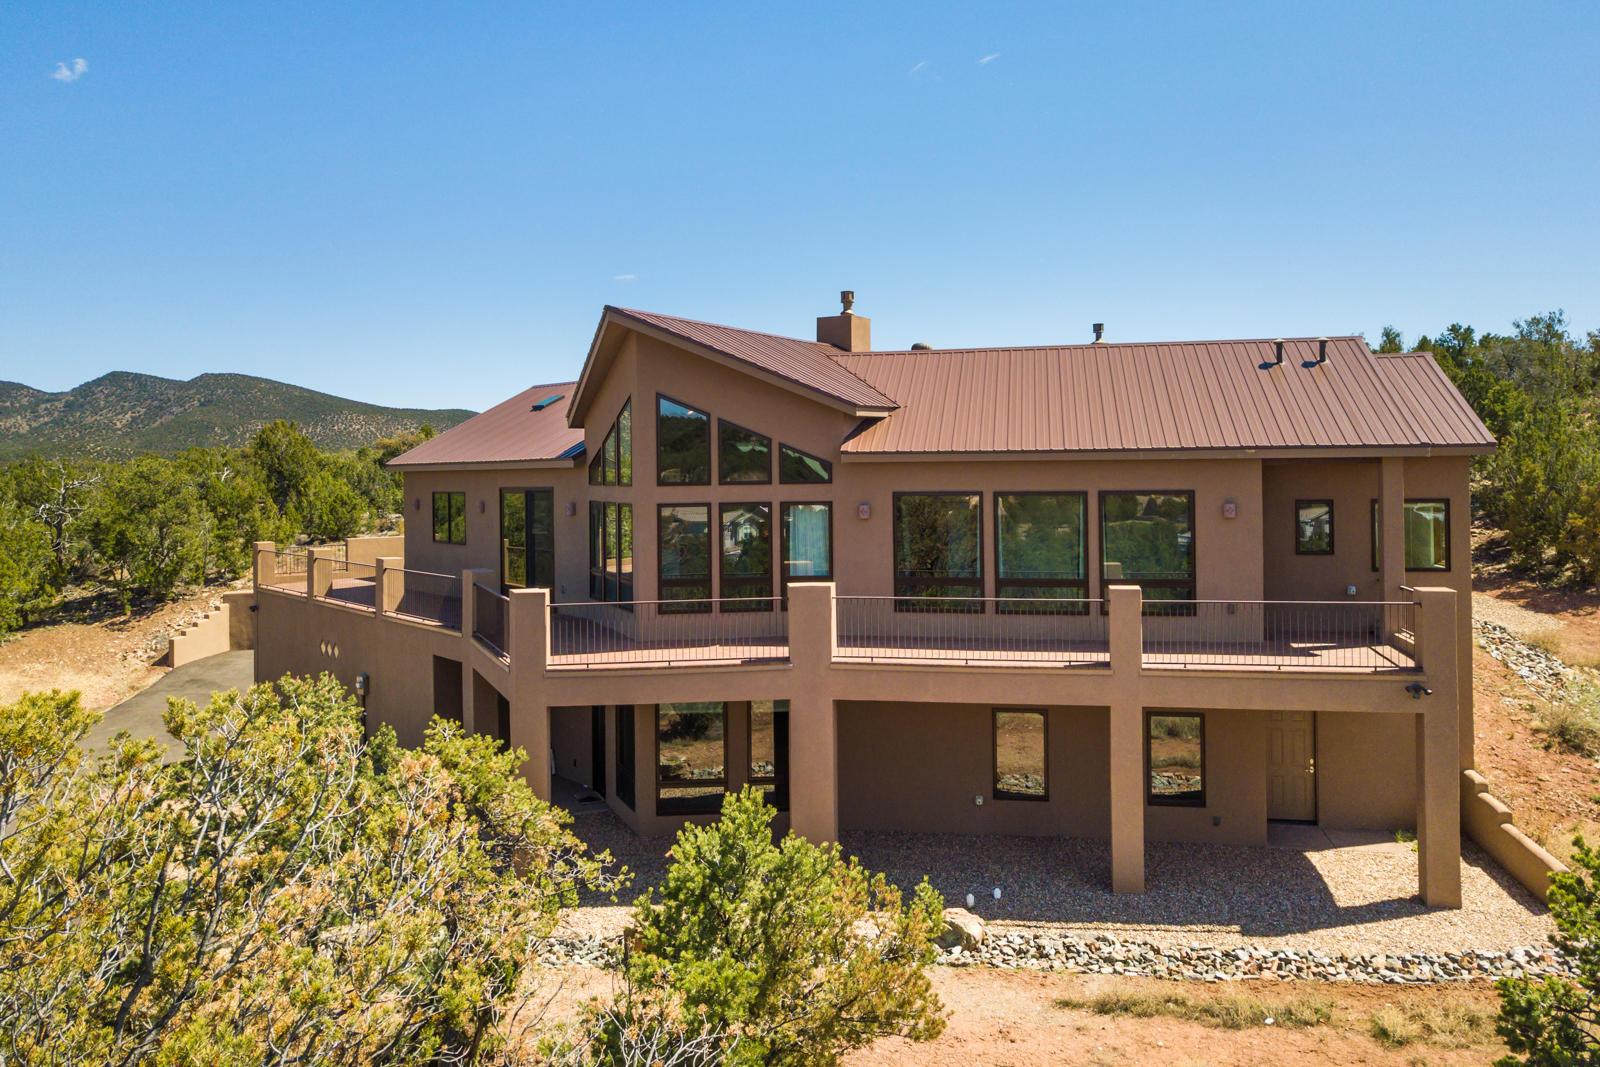 29 KIVA Loop, Sandia Park, NM 87047 - Sandia Park, NM real estate listing